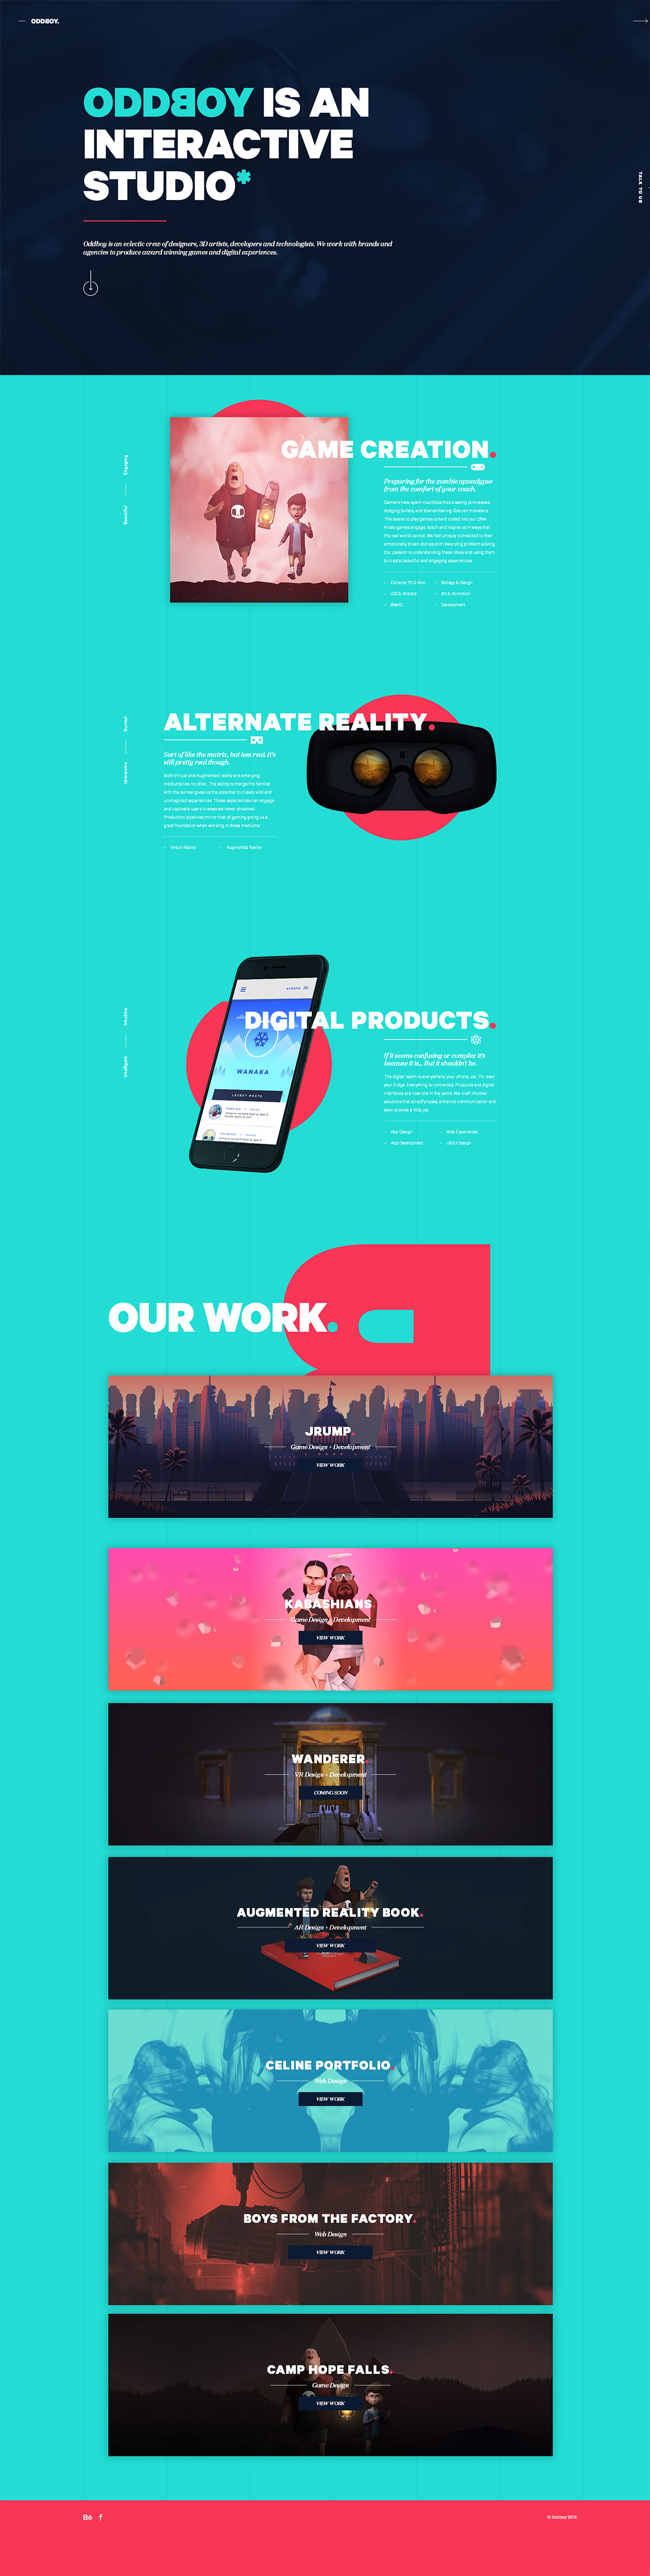 Oddboy-创意,网页设计,创意设计,创意网站,网站设计,创意作品,设计作品,网站欣赏,优,ui设计,设计,设计师,优秀设计